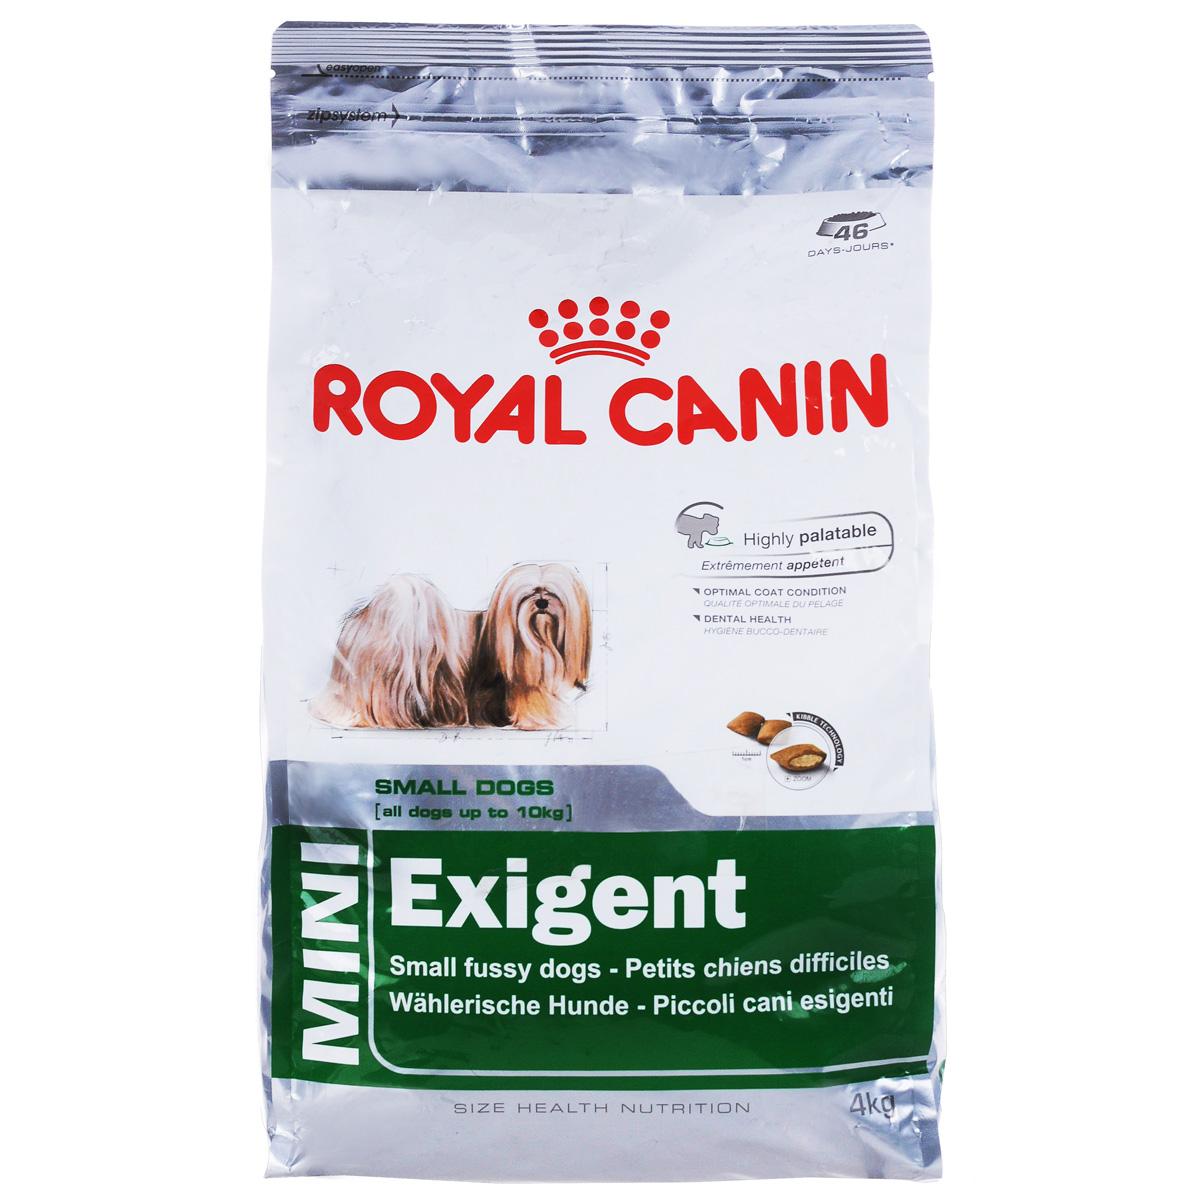 Корм сухой Royal Canin Mini Exigent, для собак мелких пород, привередливых в питании, 4 кг313040Полнорационный сухой корм Royal Canin Mini Exigent для подходит собакам мелких размеров (вес взрослой собаки до 10 кг) старше 10 месяцев. Специальная технология изготовления крокет сочетает 2 вида текстур (хрустящую и мягкую), а также уникальные вкусовые добавки, что придется по вкусу даже самым привередливым собакам мелких размеров. Корм питает шерсть благодаря включению в состав корма серосодержащих аминокислот (метионин и цистин), жирных кислот Омега 6 и витамина А. Помогает замедлить образование зубного налета благодаря полифосфату натрия, который связывает кальций, содержащийся в слюне.Состав: дегидратированное мясо птицы, животные жиры, предварительно обработанная пшеничная мука, рис, изолят растительных белков L.I.P., гидролизат белков животного происхождения, кукурузная мука, растительная клетчатка, свекольный жом, рыбий жир, минеральные вещества, фруктоолигосахариды, масло огуречника аптечного 0,1%.Добавки в 1 кг: витамин А 29700 МЕ, витамин D3 800 МЕ, железо 45 мг, йод 4,5 мг, марганец 58 мг, цинк 175 мг, селен 0,09 мг, триполифосфат натрия 3,5 г, сорбат калия, пропилгаллат, БГА.Содержание питательных веществ: белки 30%, жиры 22%, минеральные вещества 4,1%, клетчатка пищевая 2,7%, EPA/DHA 2,5 г, медь 15 мг.Товар сертифицирован.Расстройства пищеварения у собак: кто виноват и что делать. Статья OZON Гид